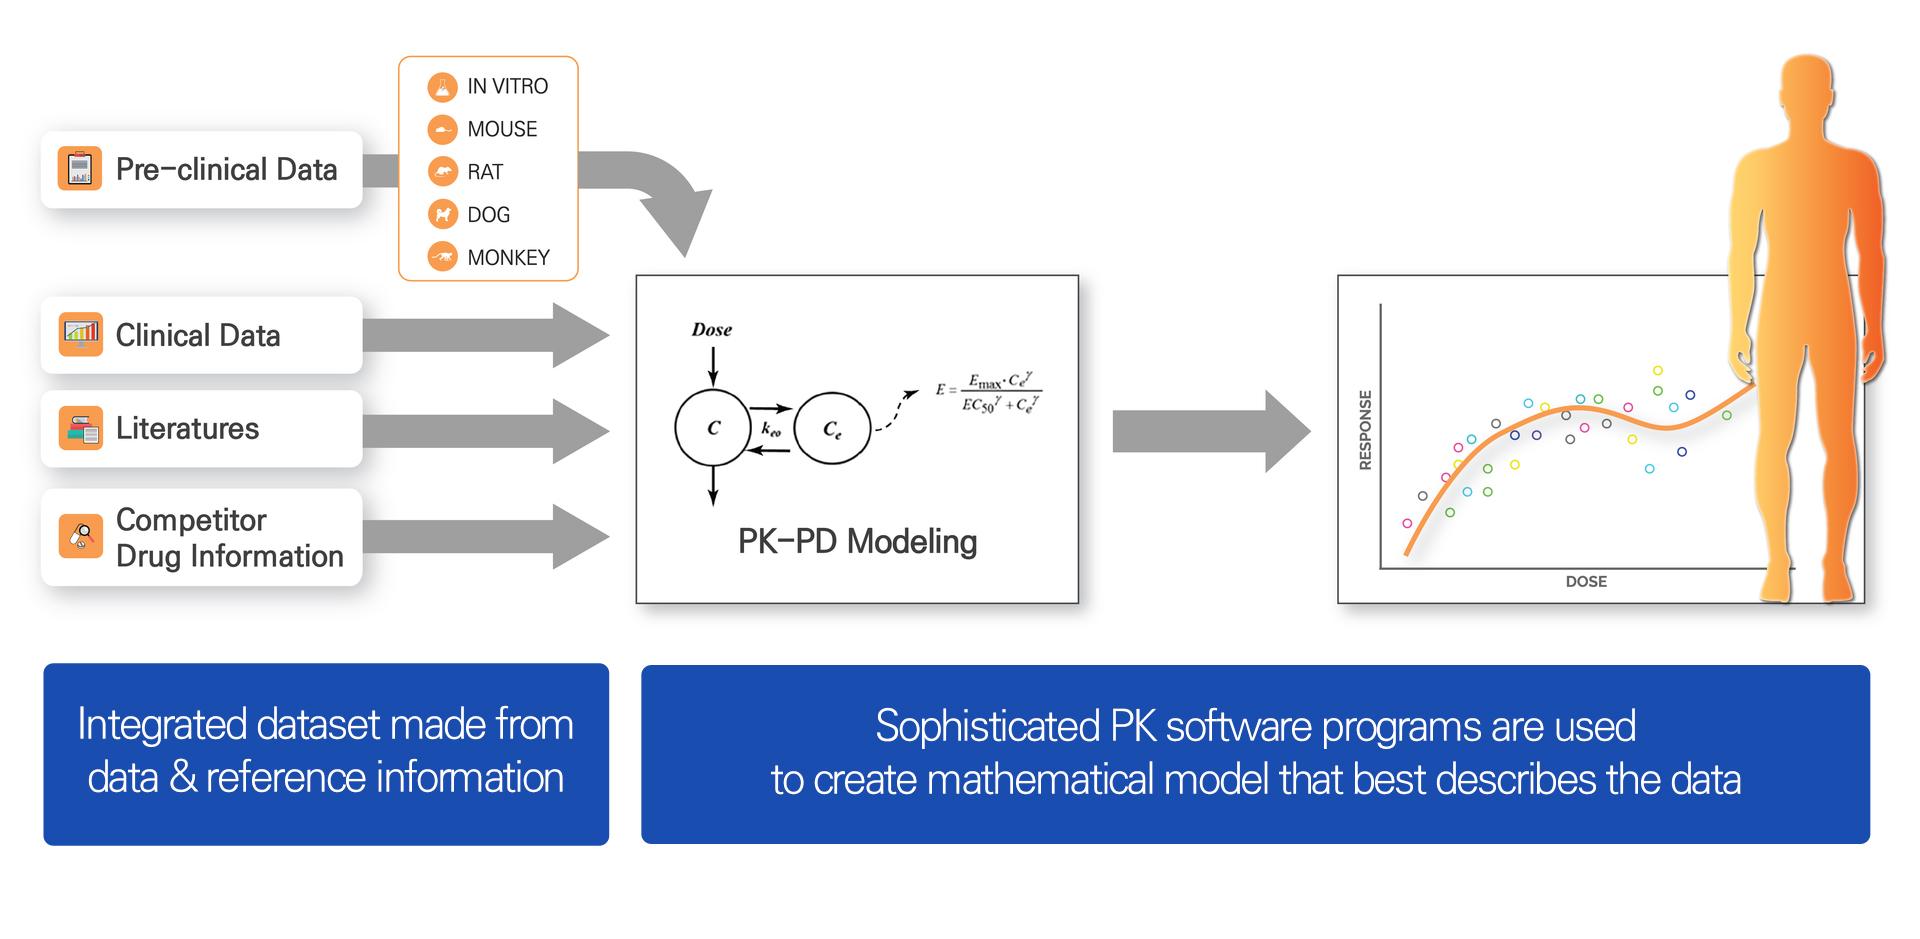 그림1. General Workflow of Modeling & Simulation